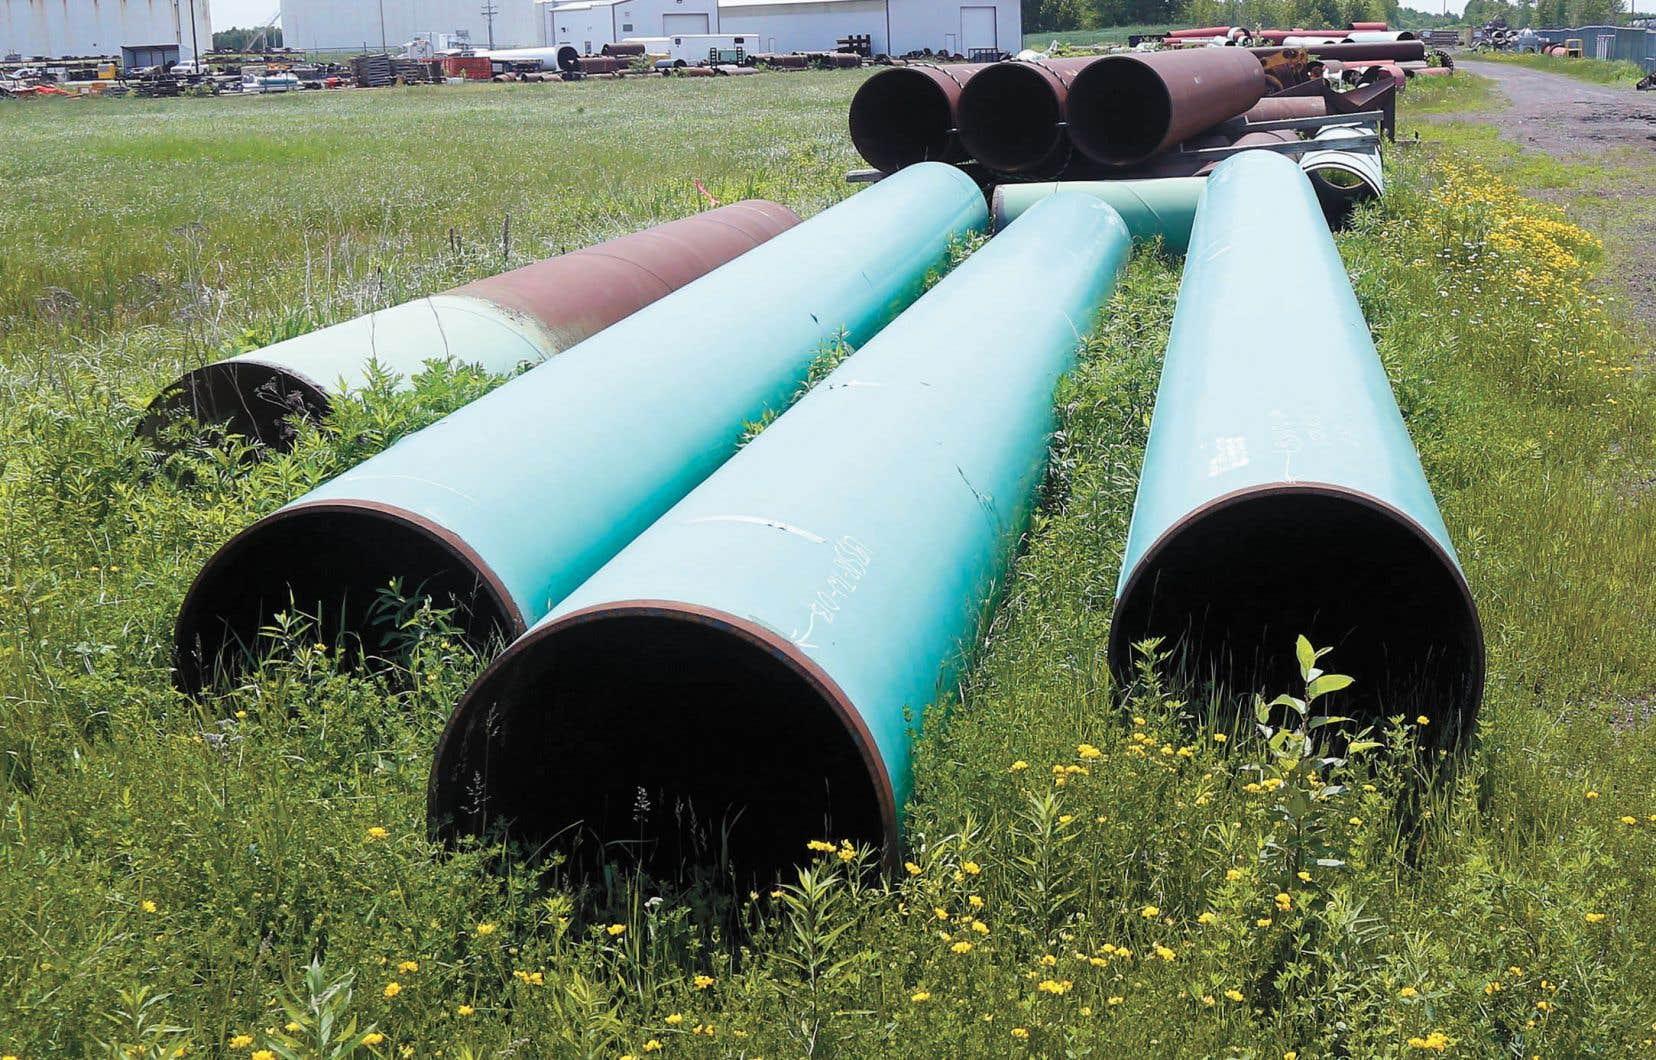 L'industrie pétrolière applaudit aux amendements au projet de loi C-69 adoptés par le Sénat.